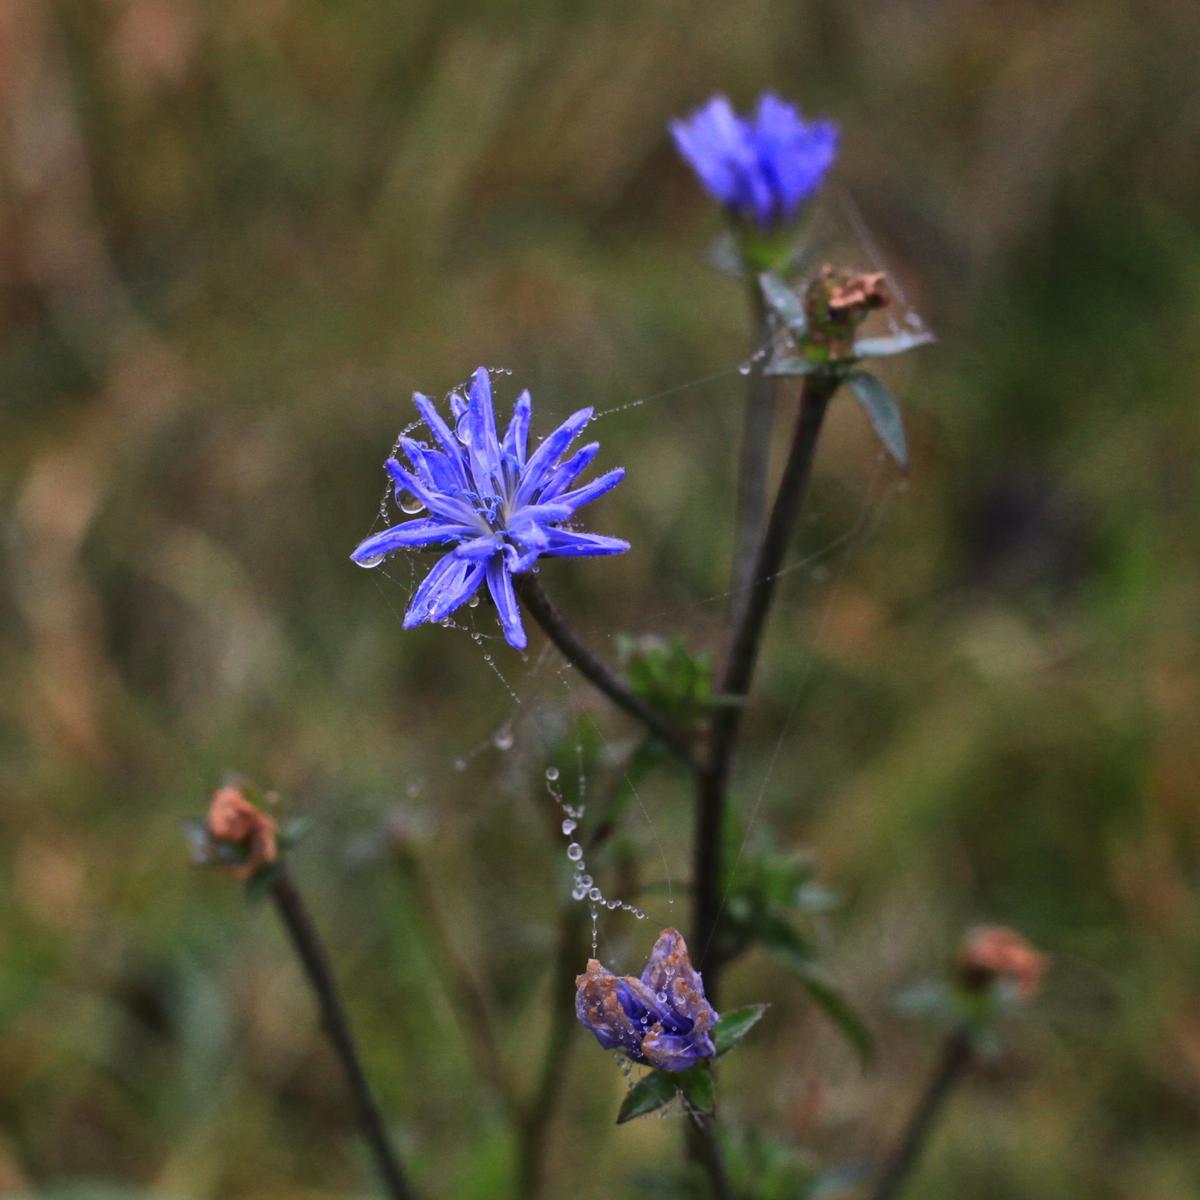 nebelbenetzte Blüte